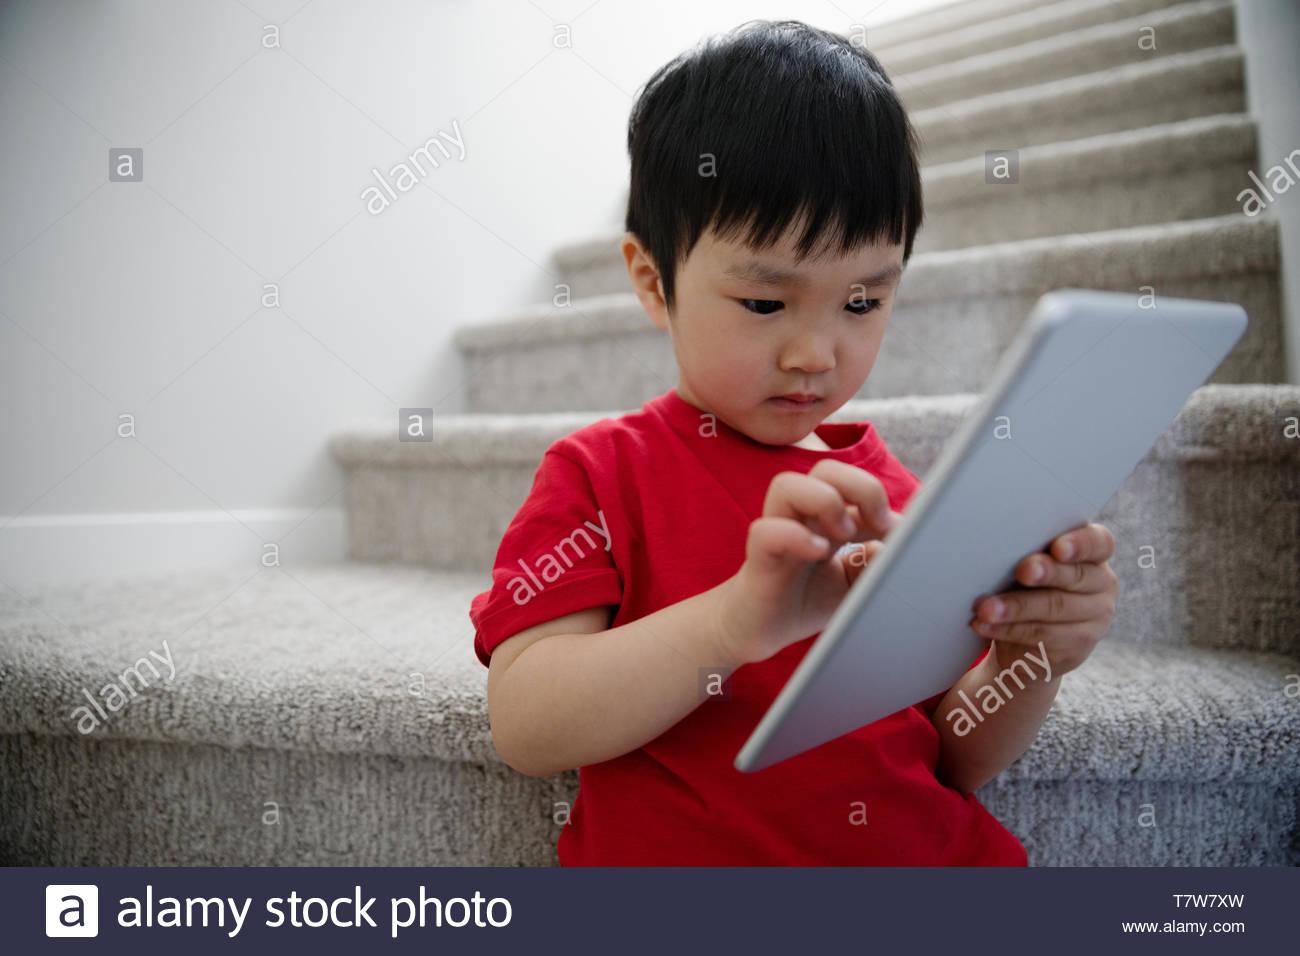 Cute Baby Boy mit digitalen Tablet auf Treppen Stockbild